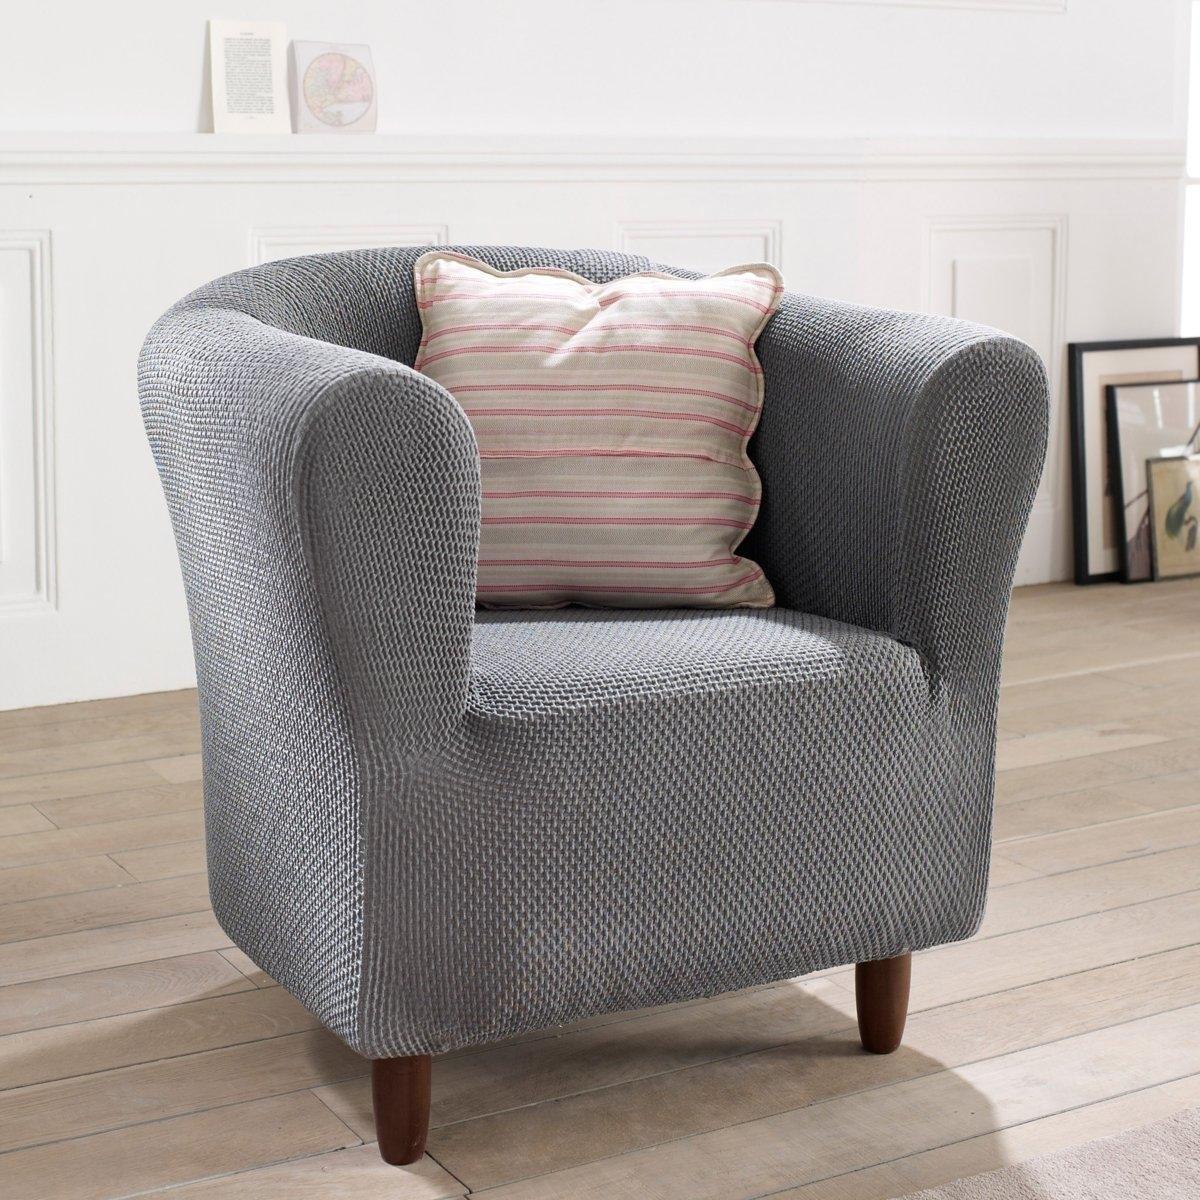 Чехол для креслаИз эластичной гофрированной ткани, 55% хлопка, 40% полиэстера, 5% эластана. Стирка при 30°. Эластичный низ.<br><br>Цвет: антрацит,красный,серо-коричневый каштан,серый<br>Размер: единый размер.единый размер